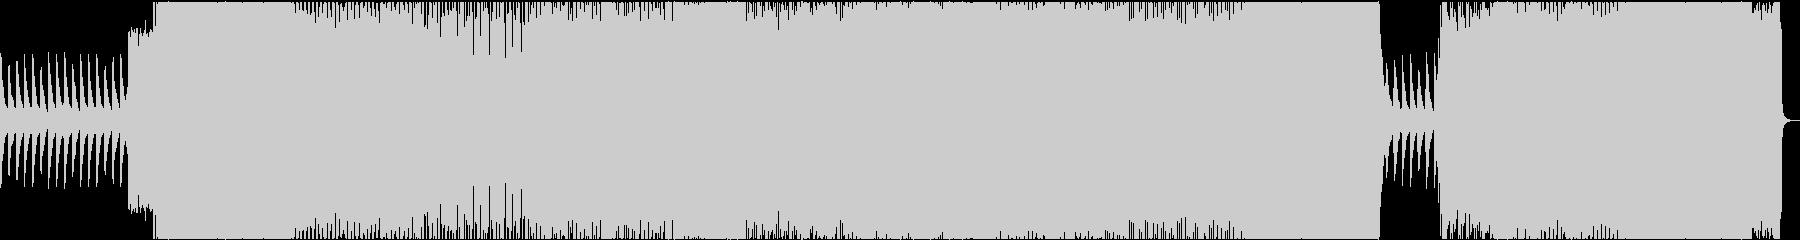 【バンドサウンド】爽やかな疾走系ロックの未再生の波形